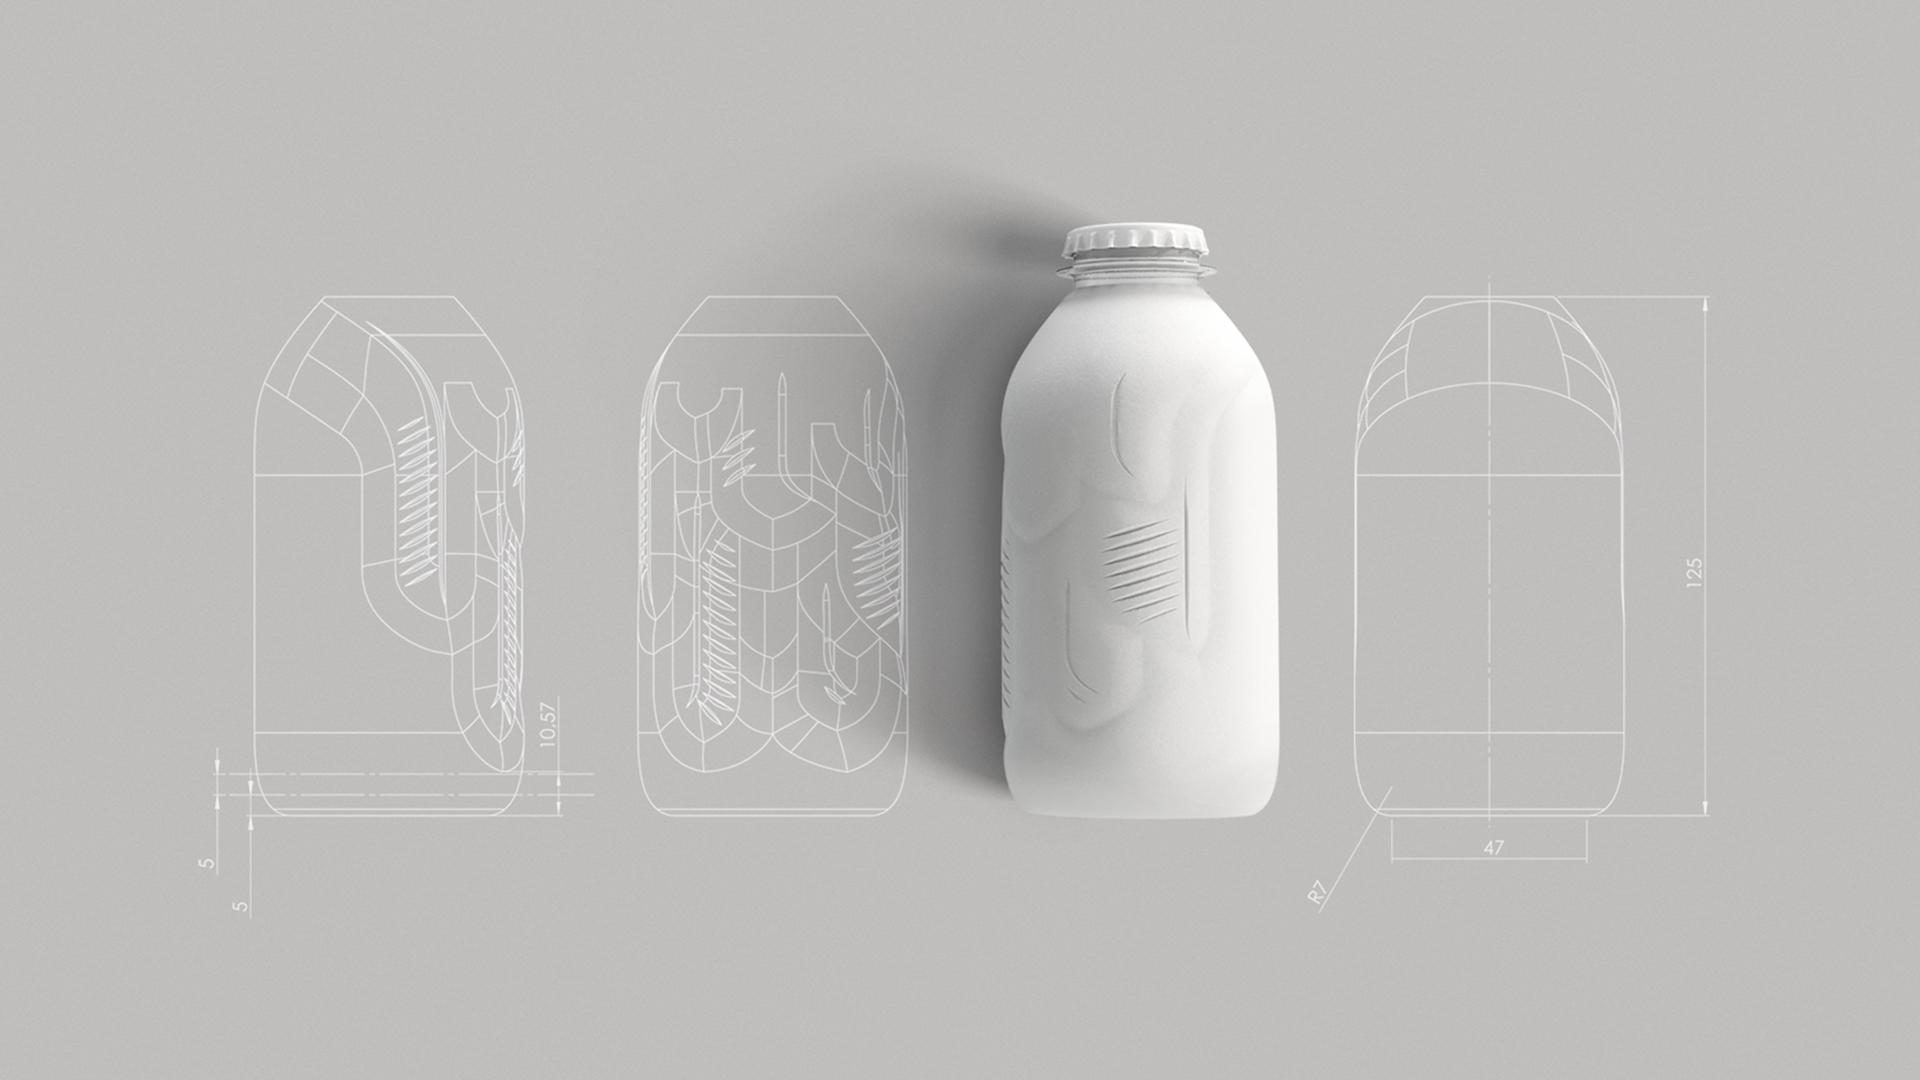 Paper bottle schematic